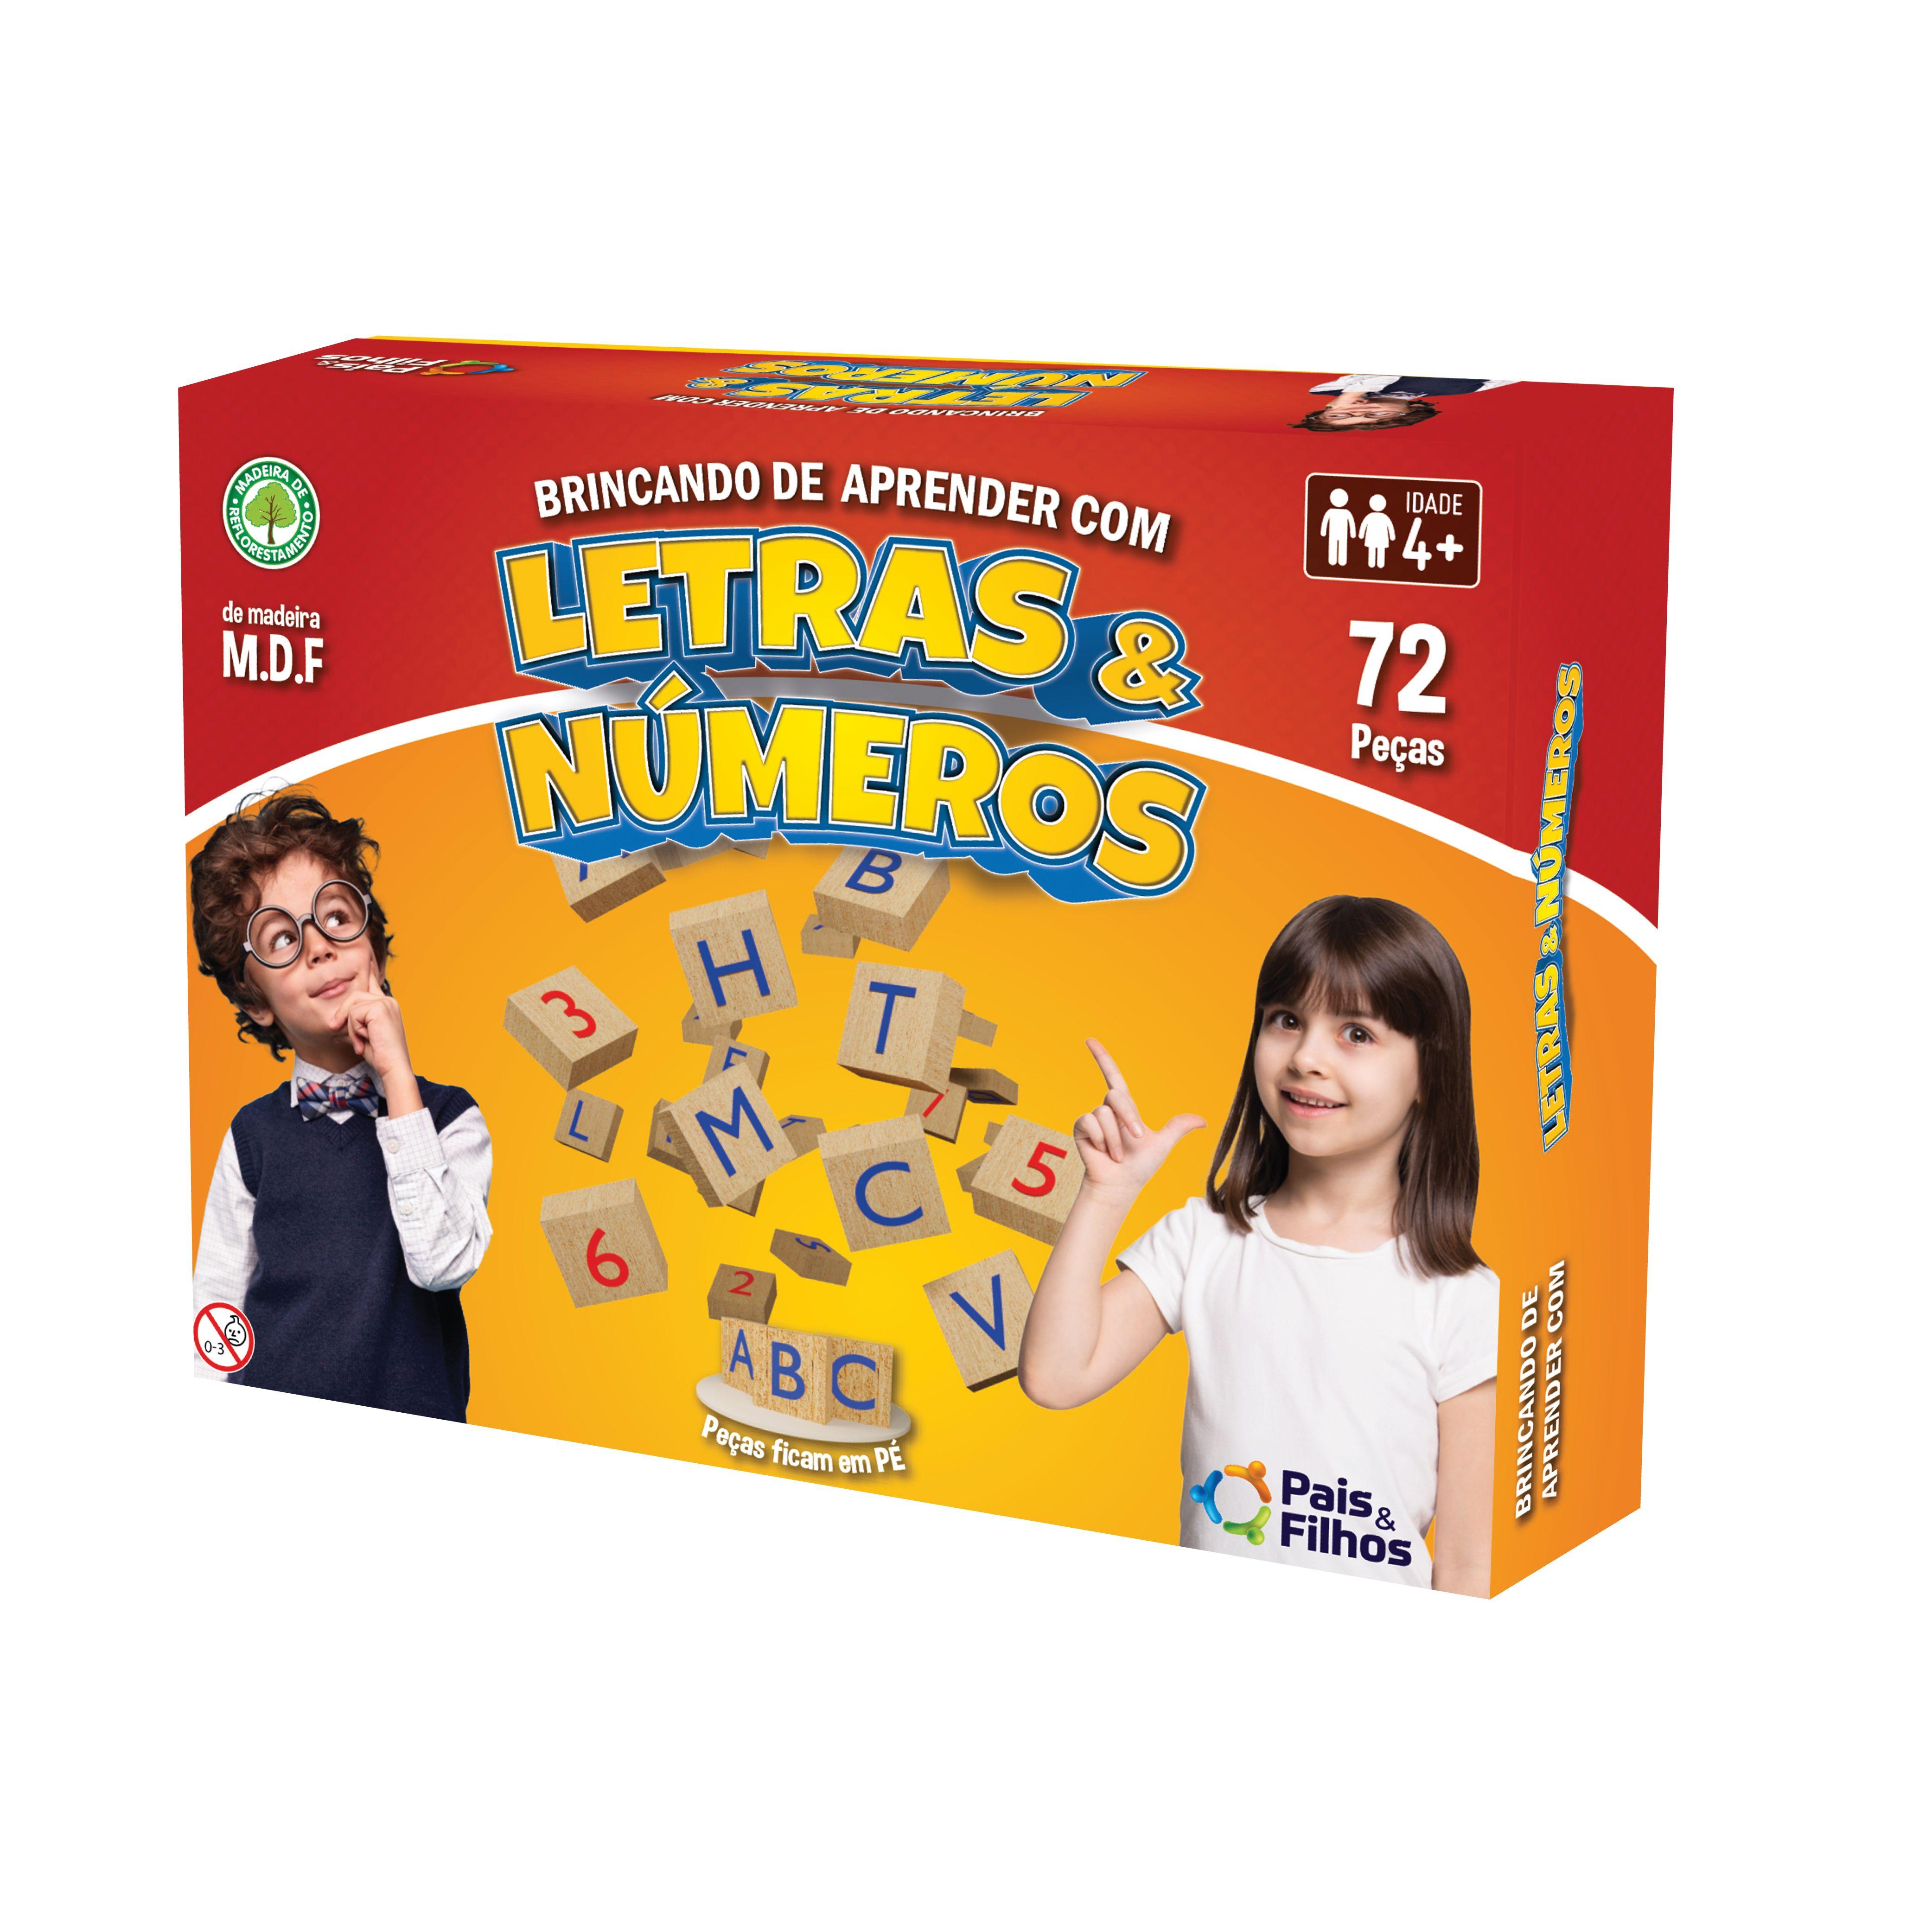 Brincando de Aprender com Letras e Números-10779